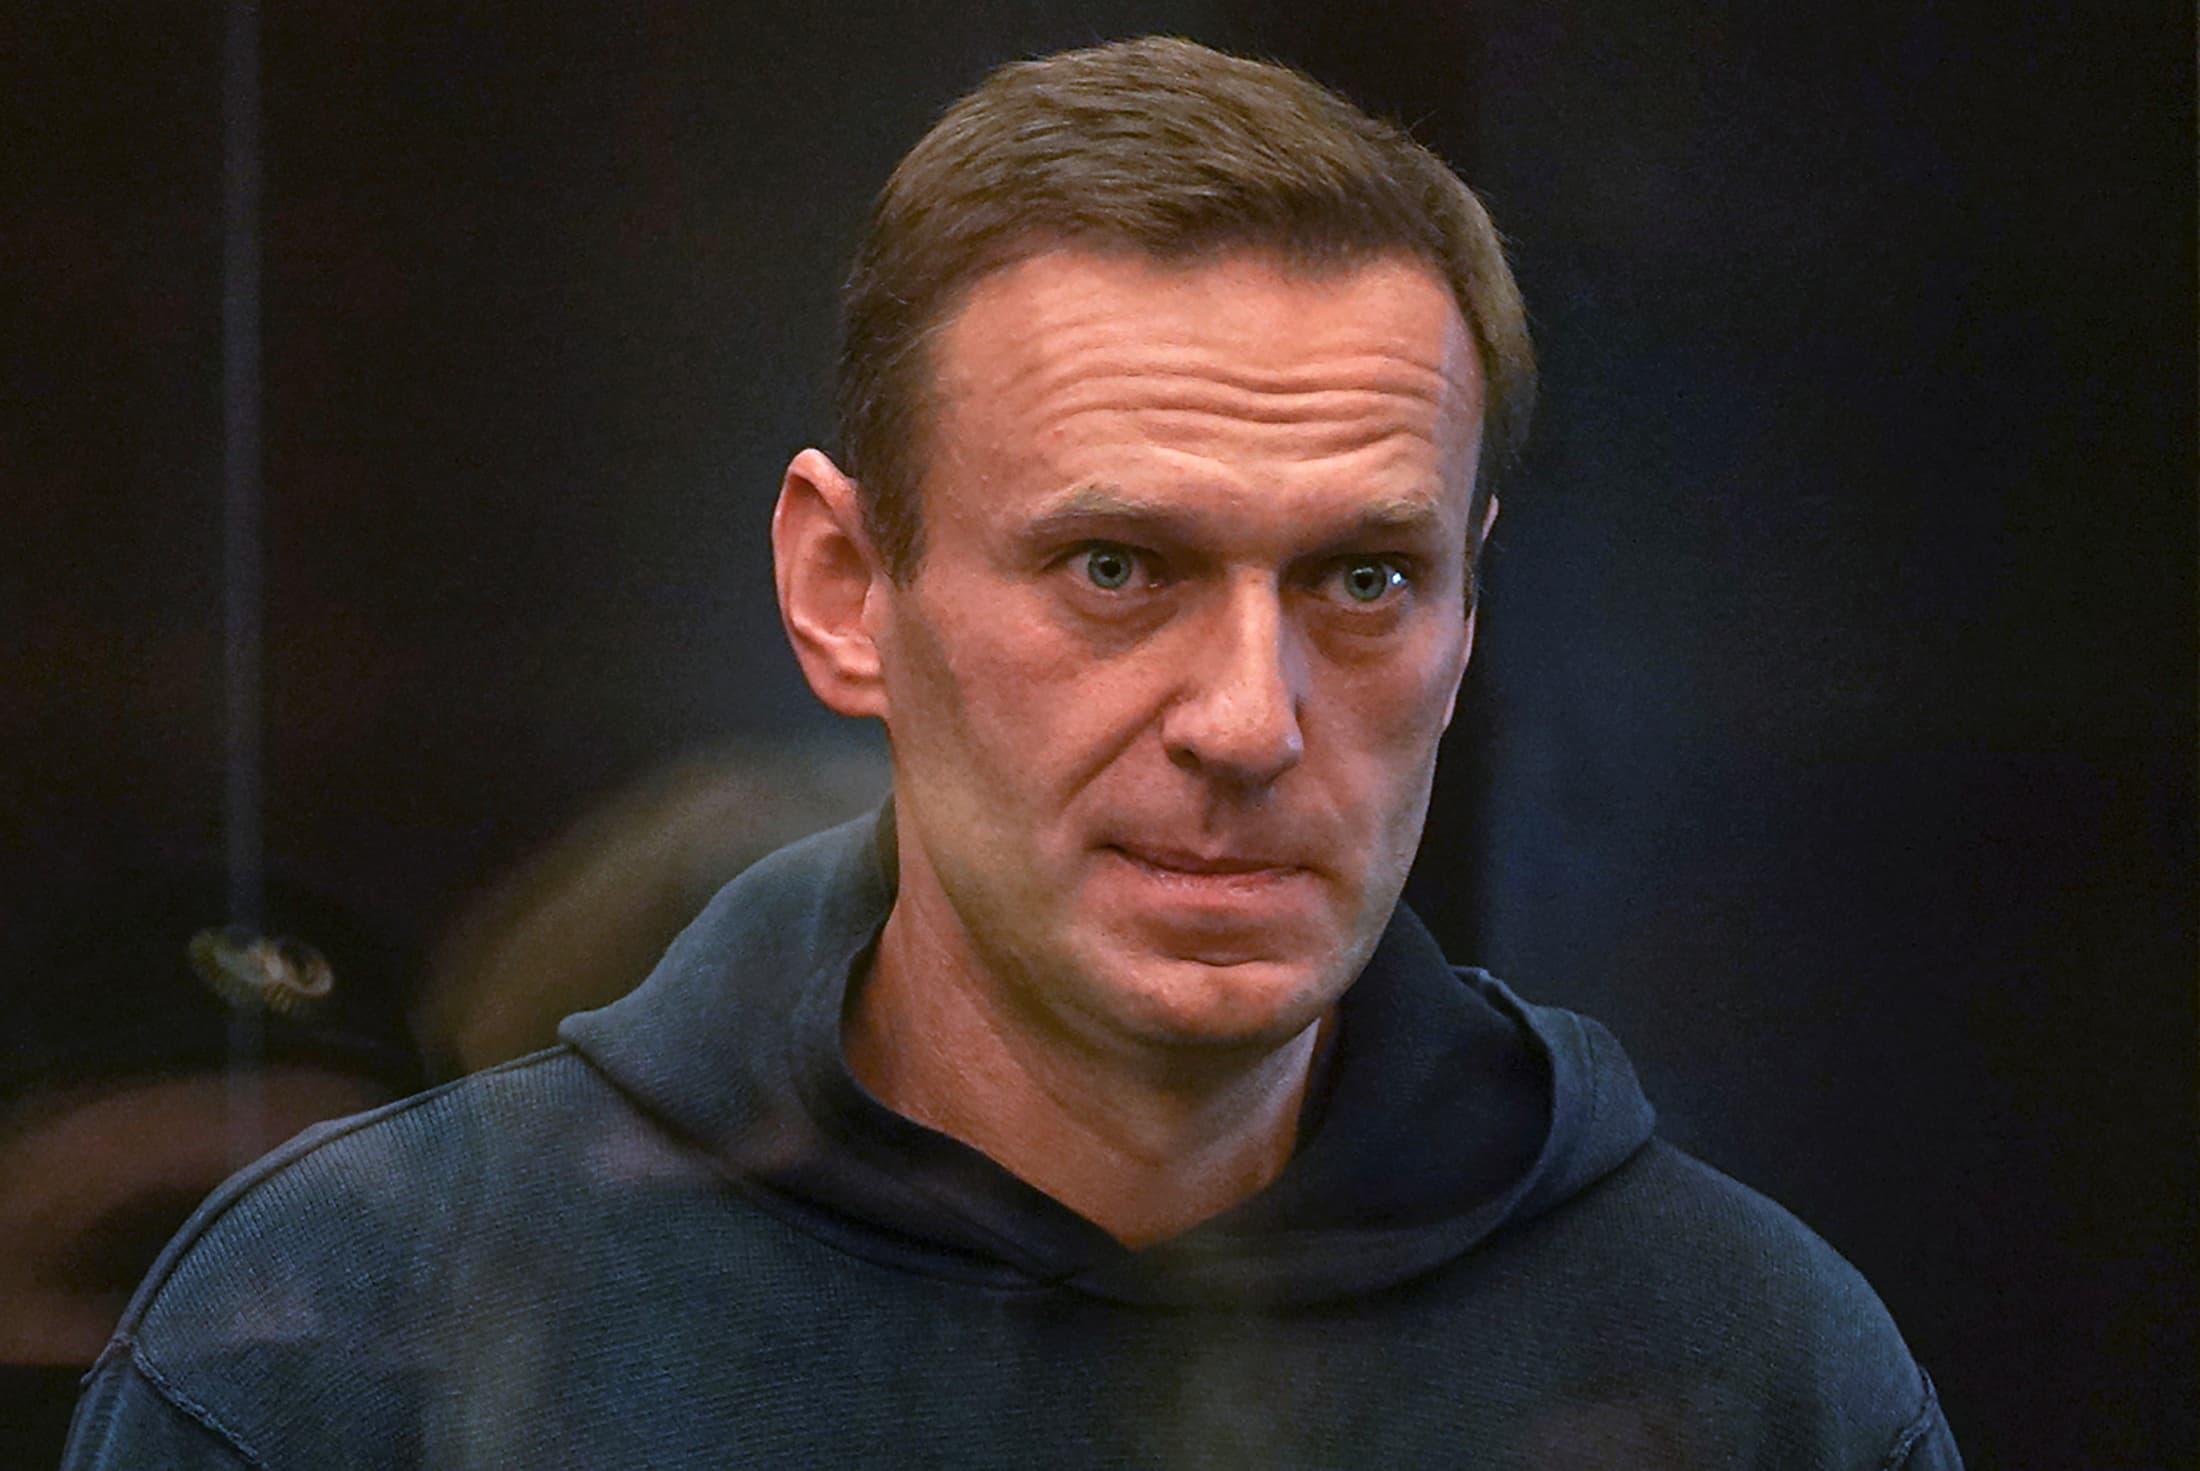 Expertos de la ONU dicen que Navalny, crítico de Putin, está en `` grave peligro '' y pide una evacuación médica urgente